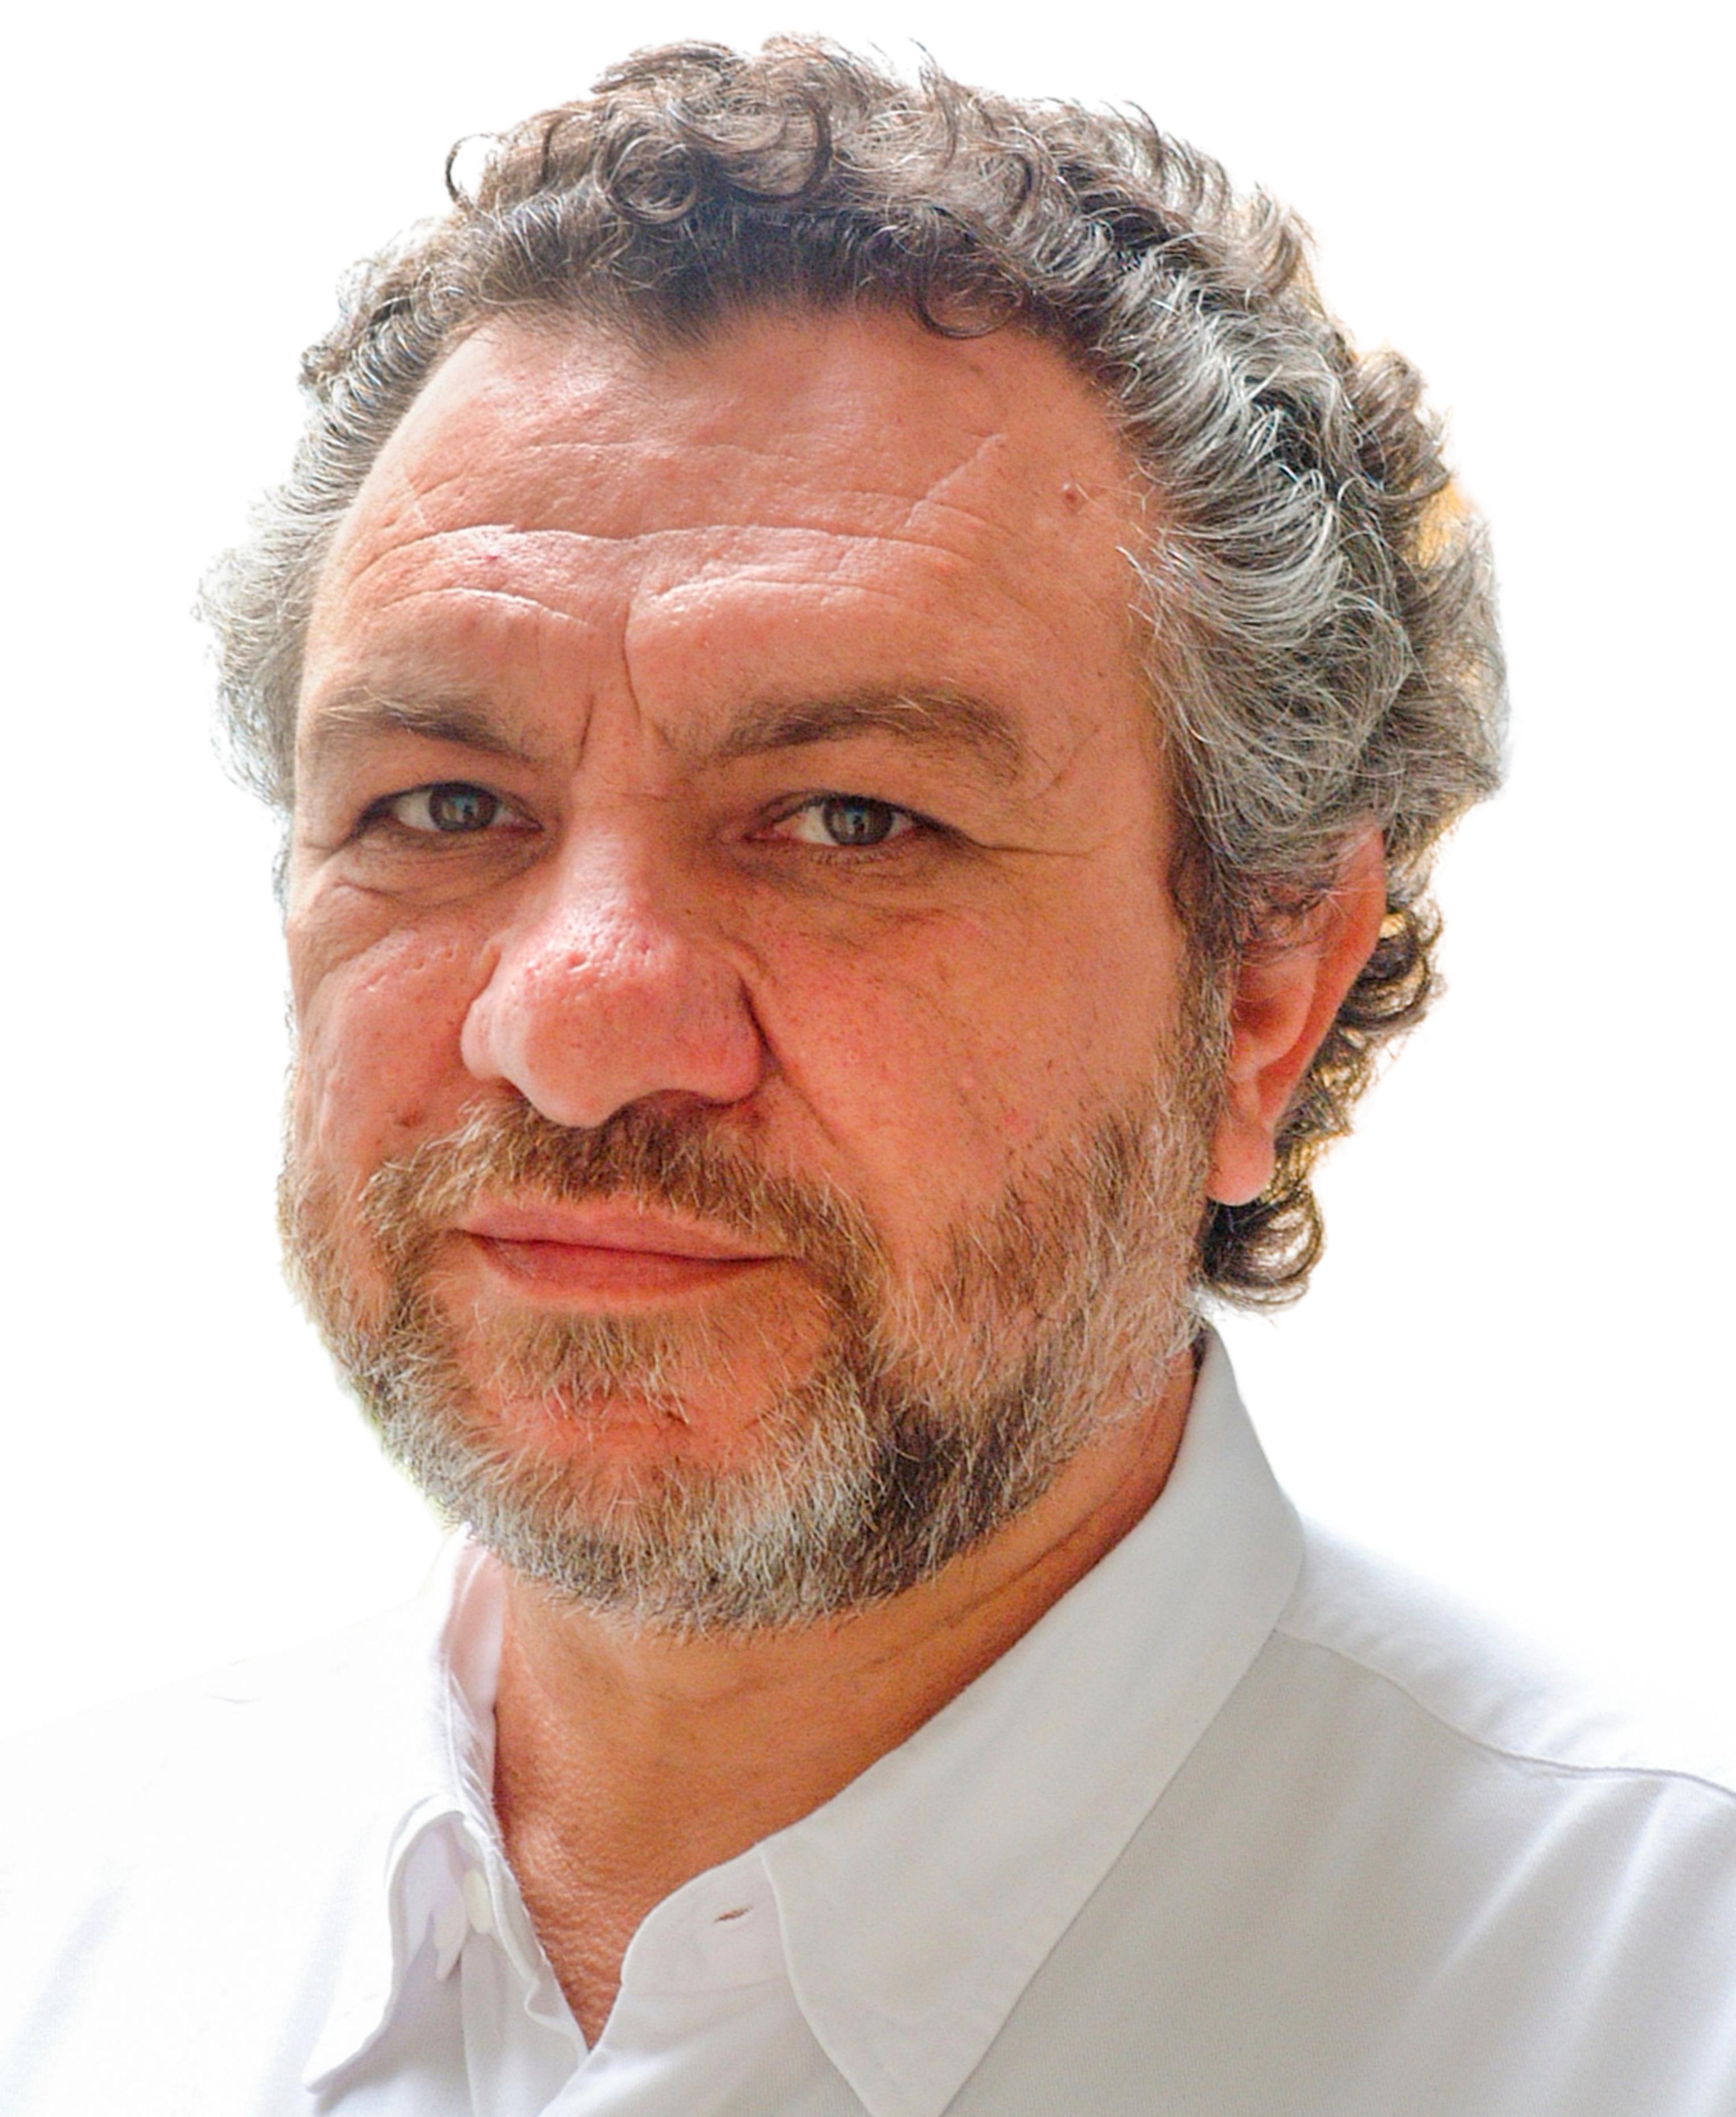 Elias Rassi Neto